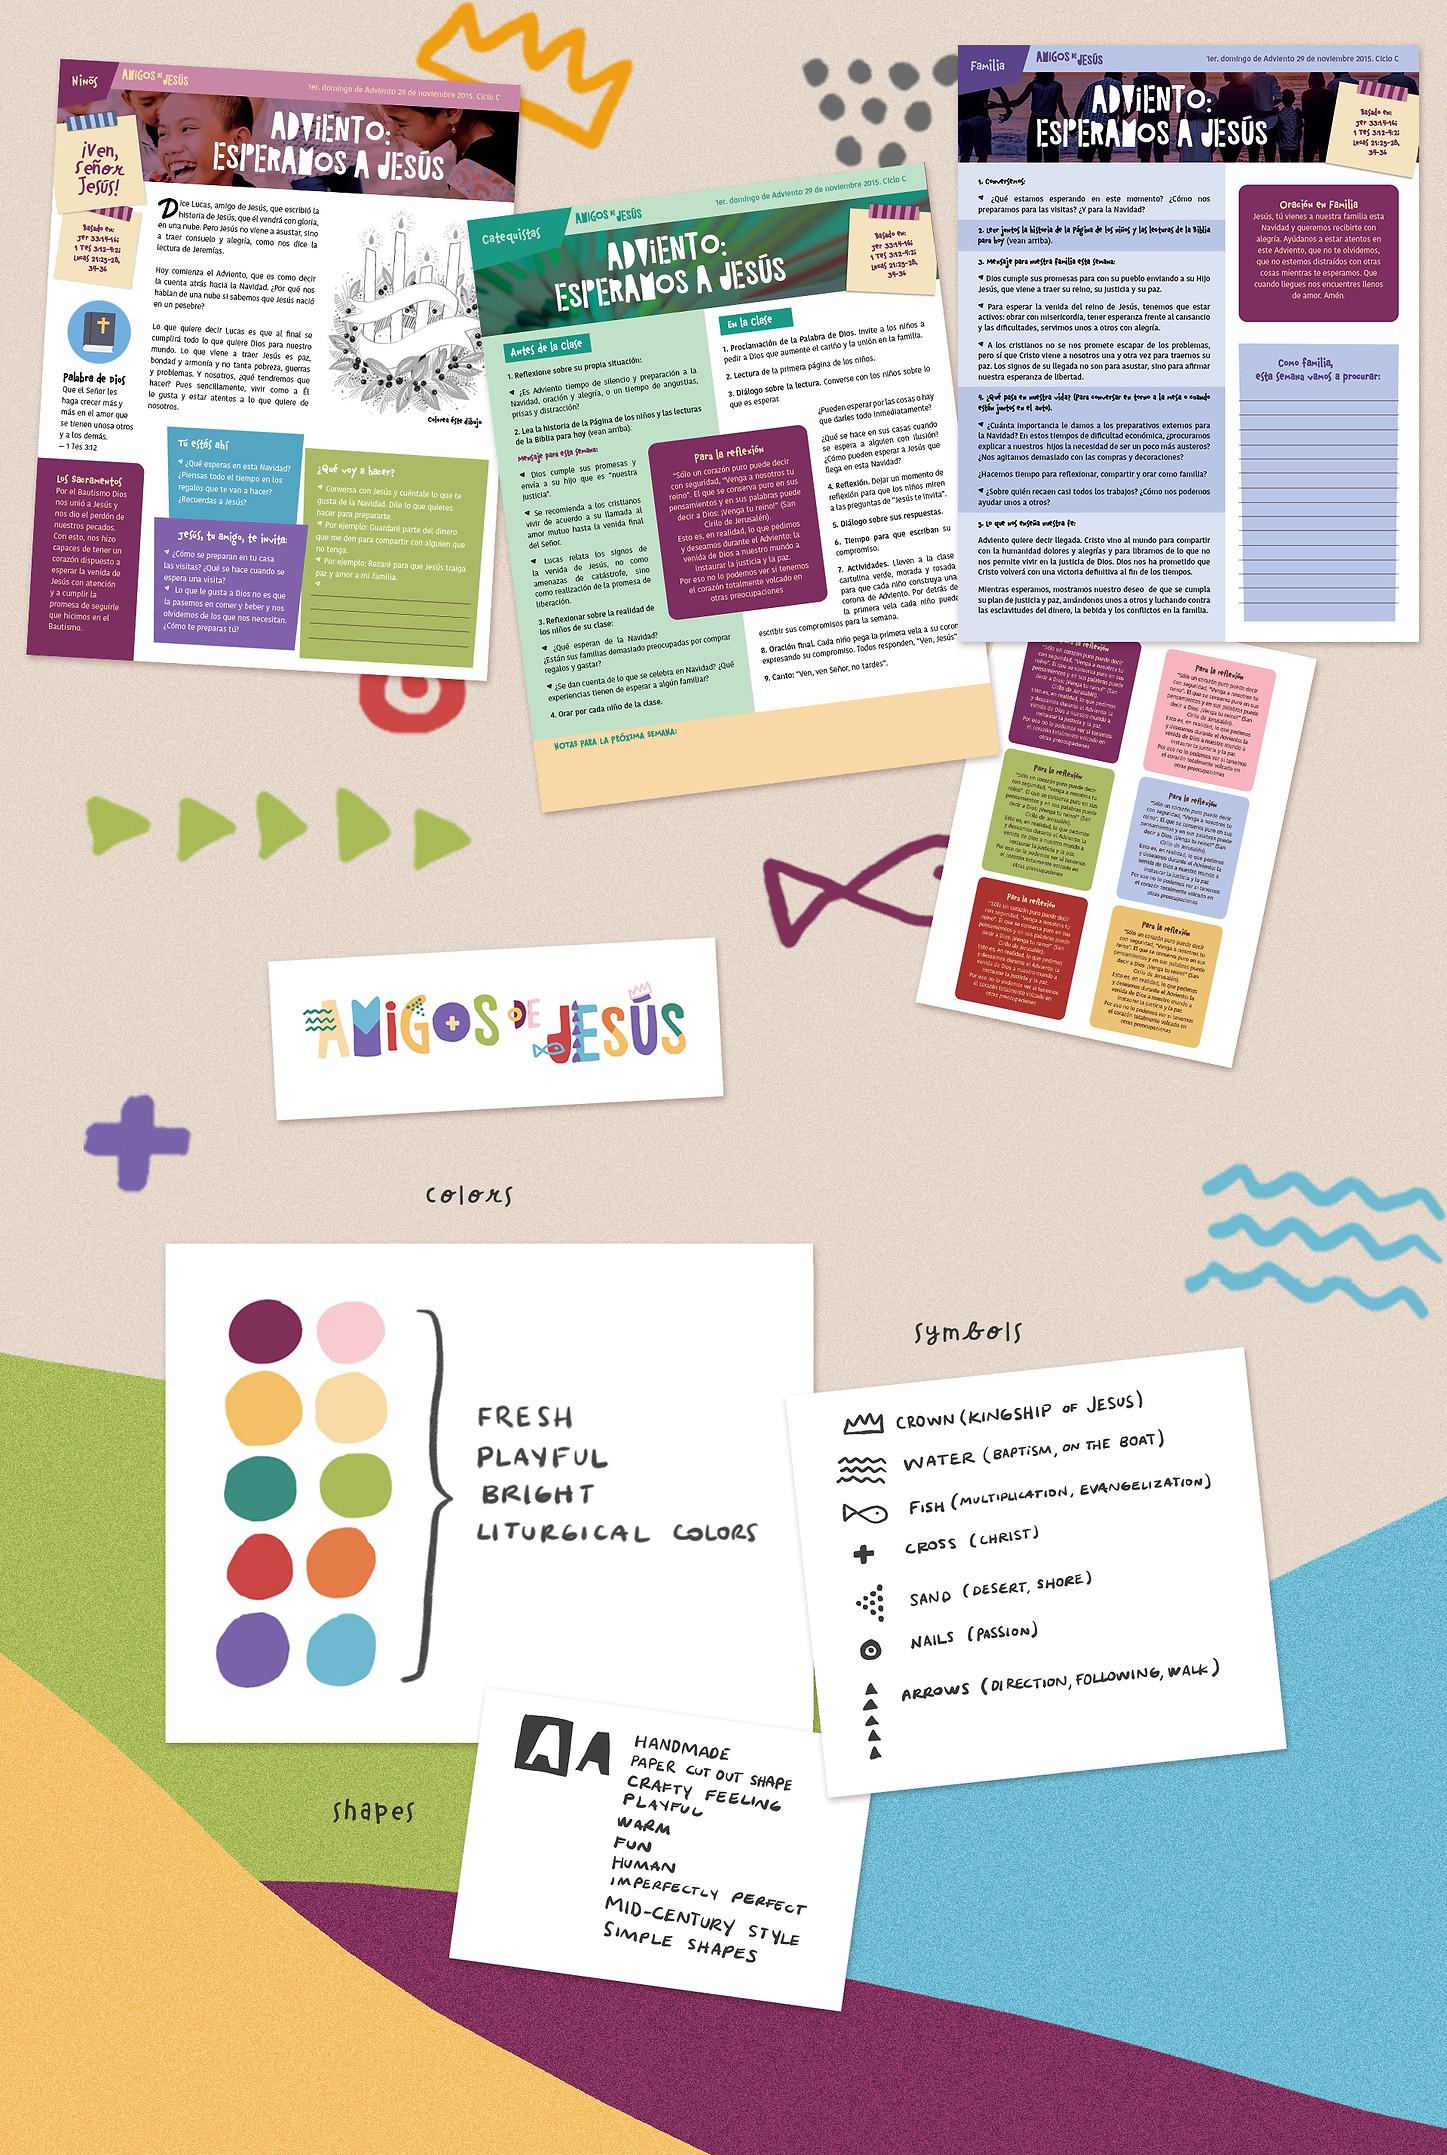 ADJ_v01 copy.jpg